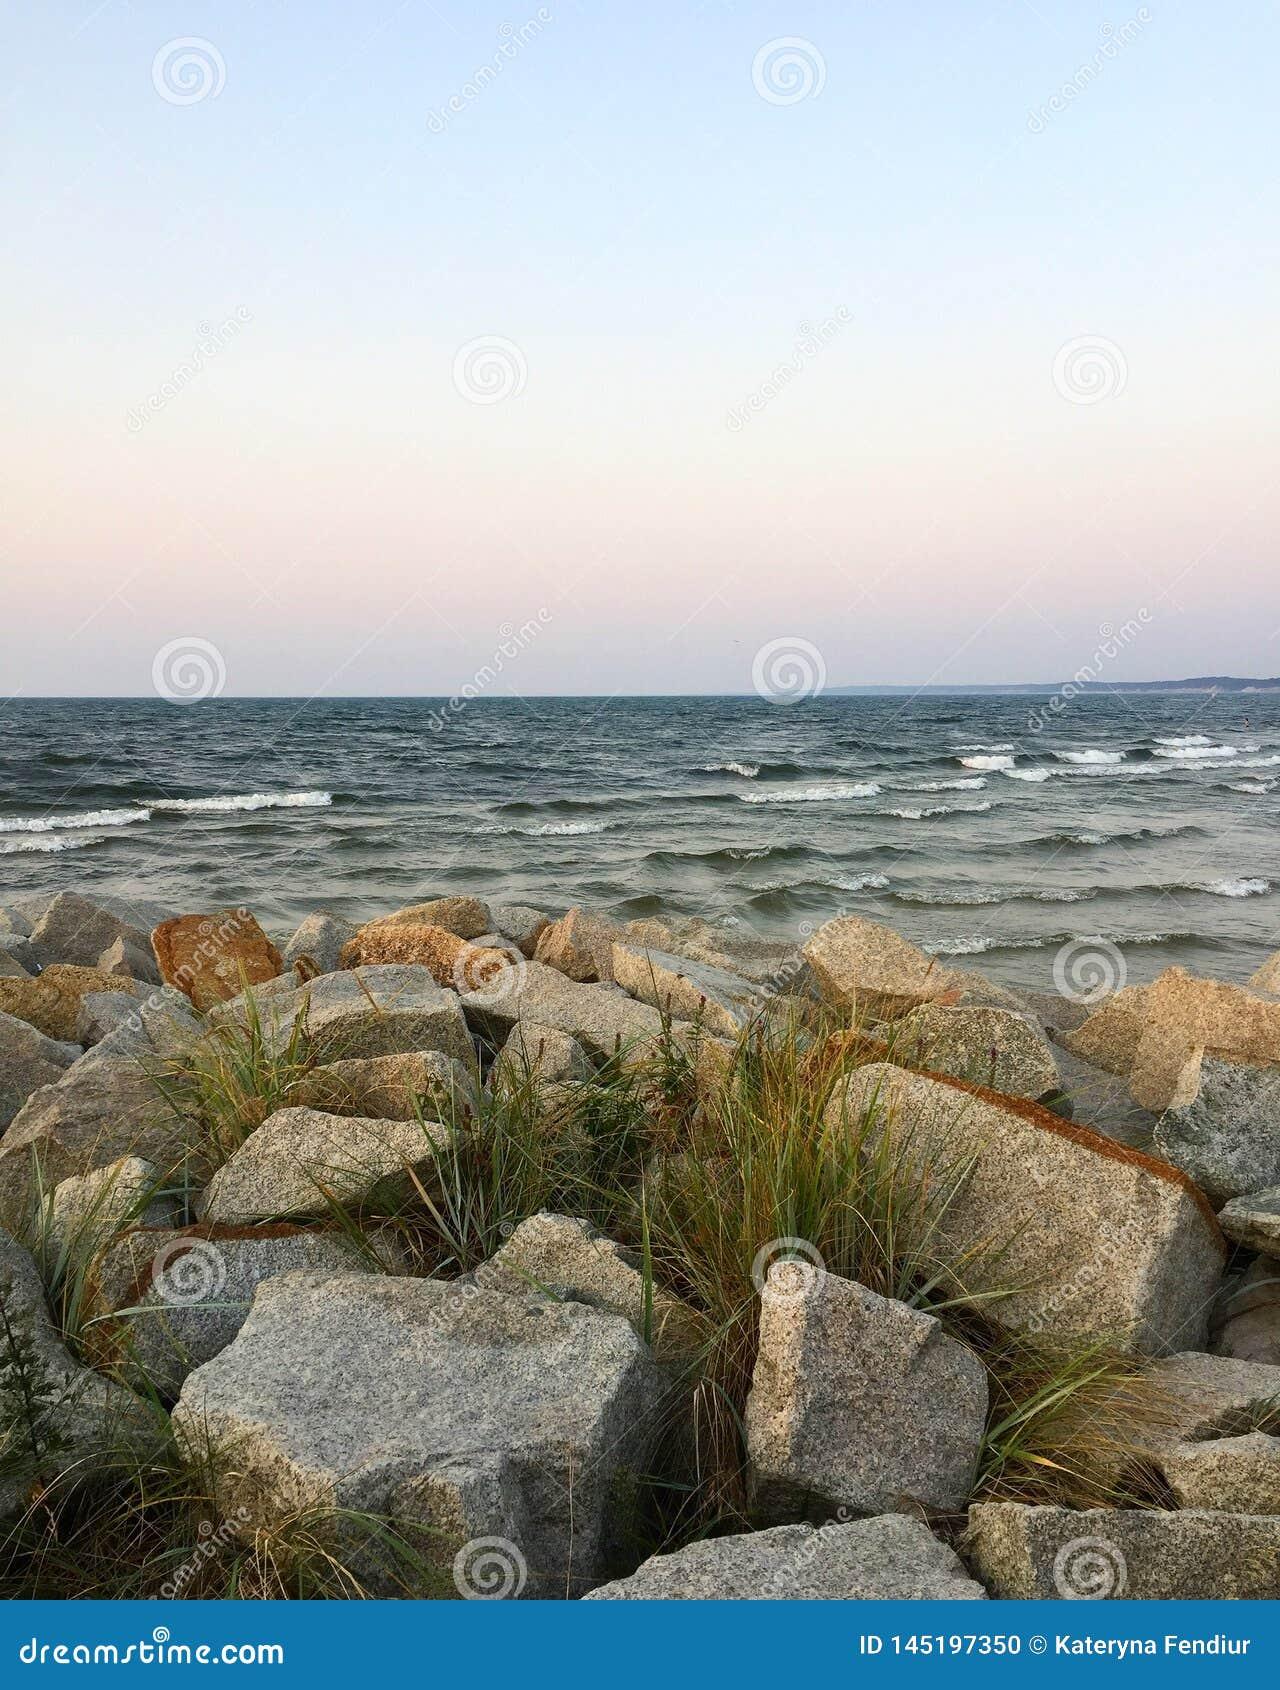 Baltic'soverzees in de laatste maand in de zomer